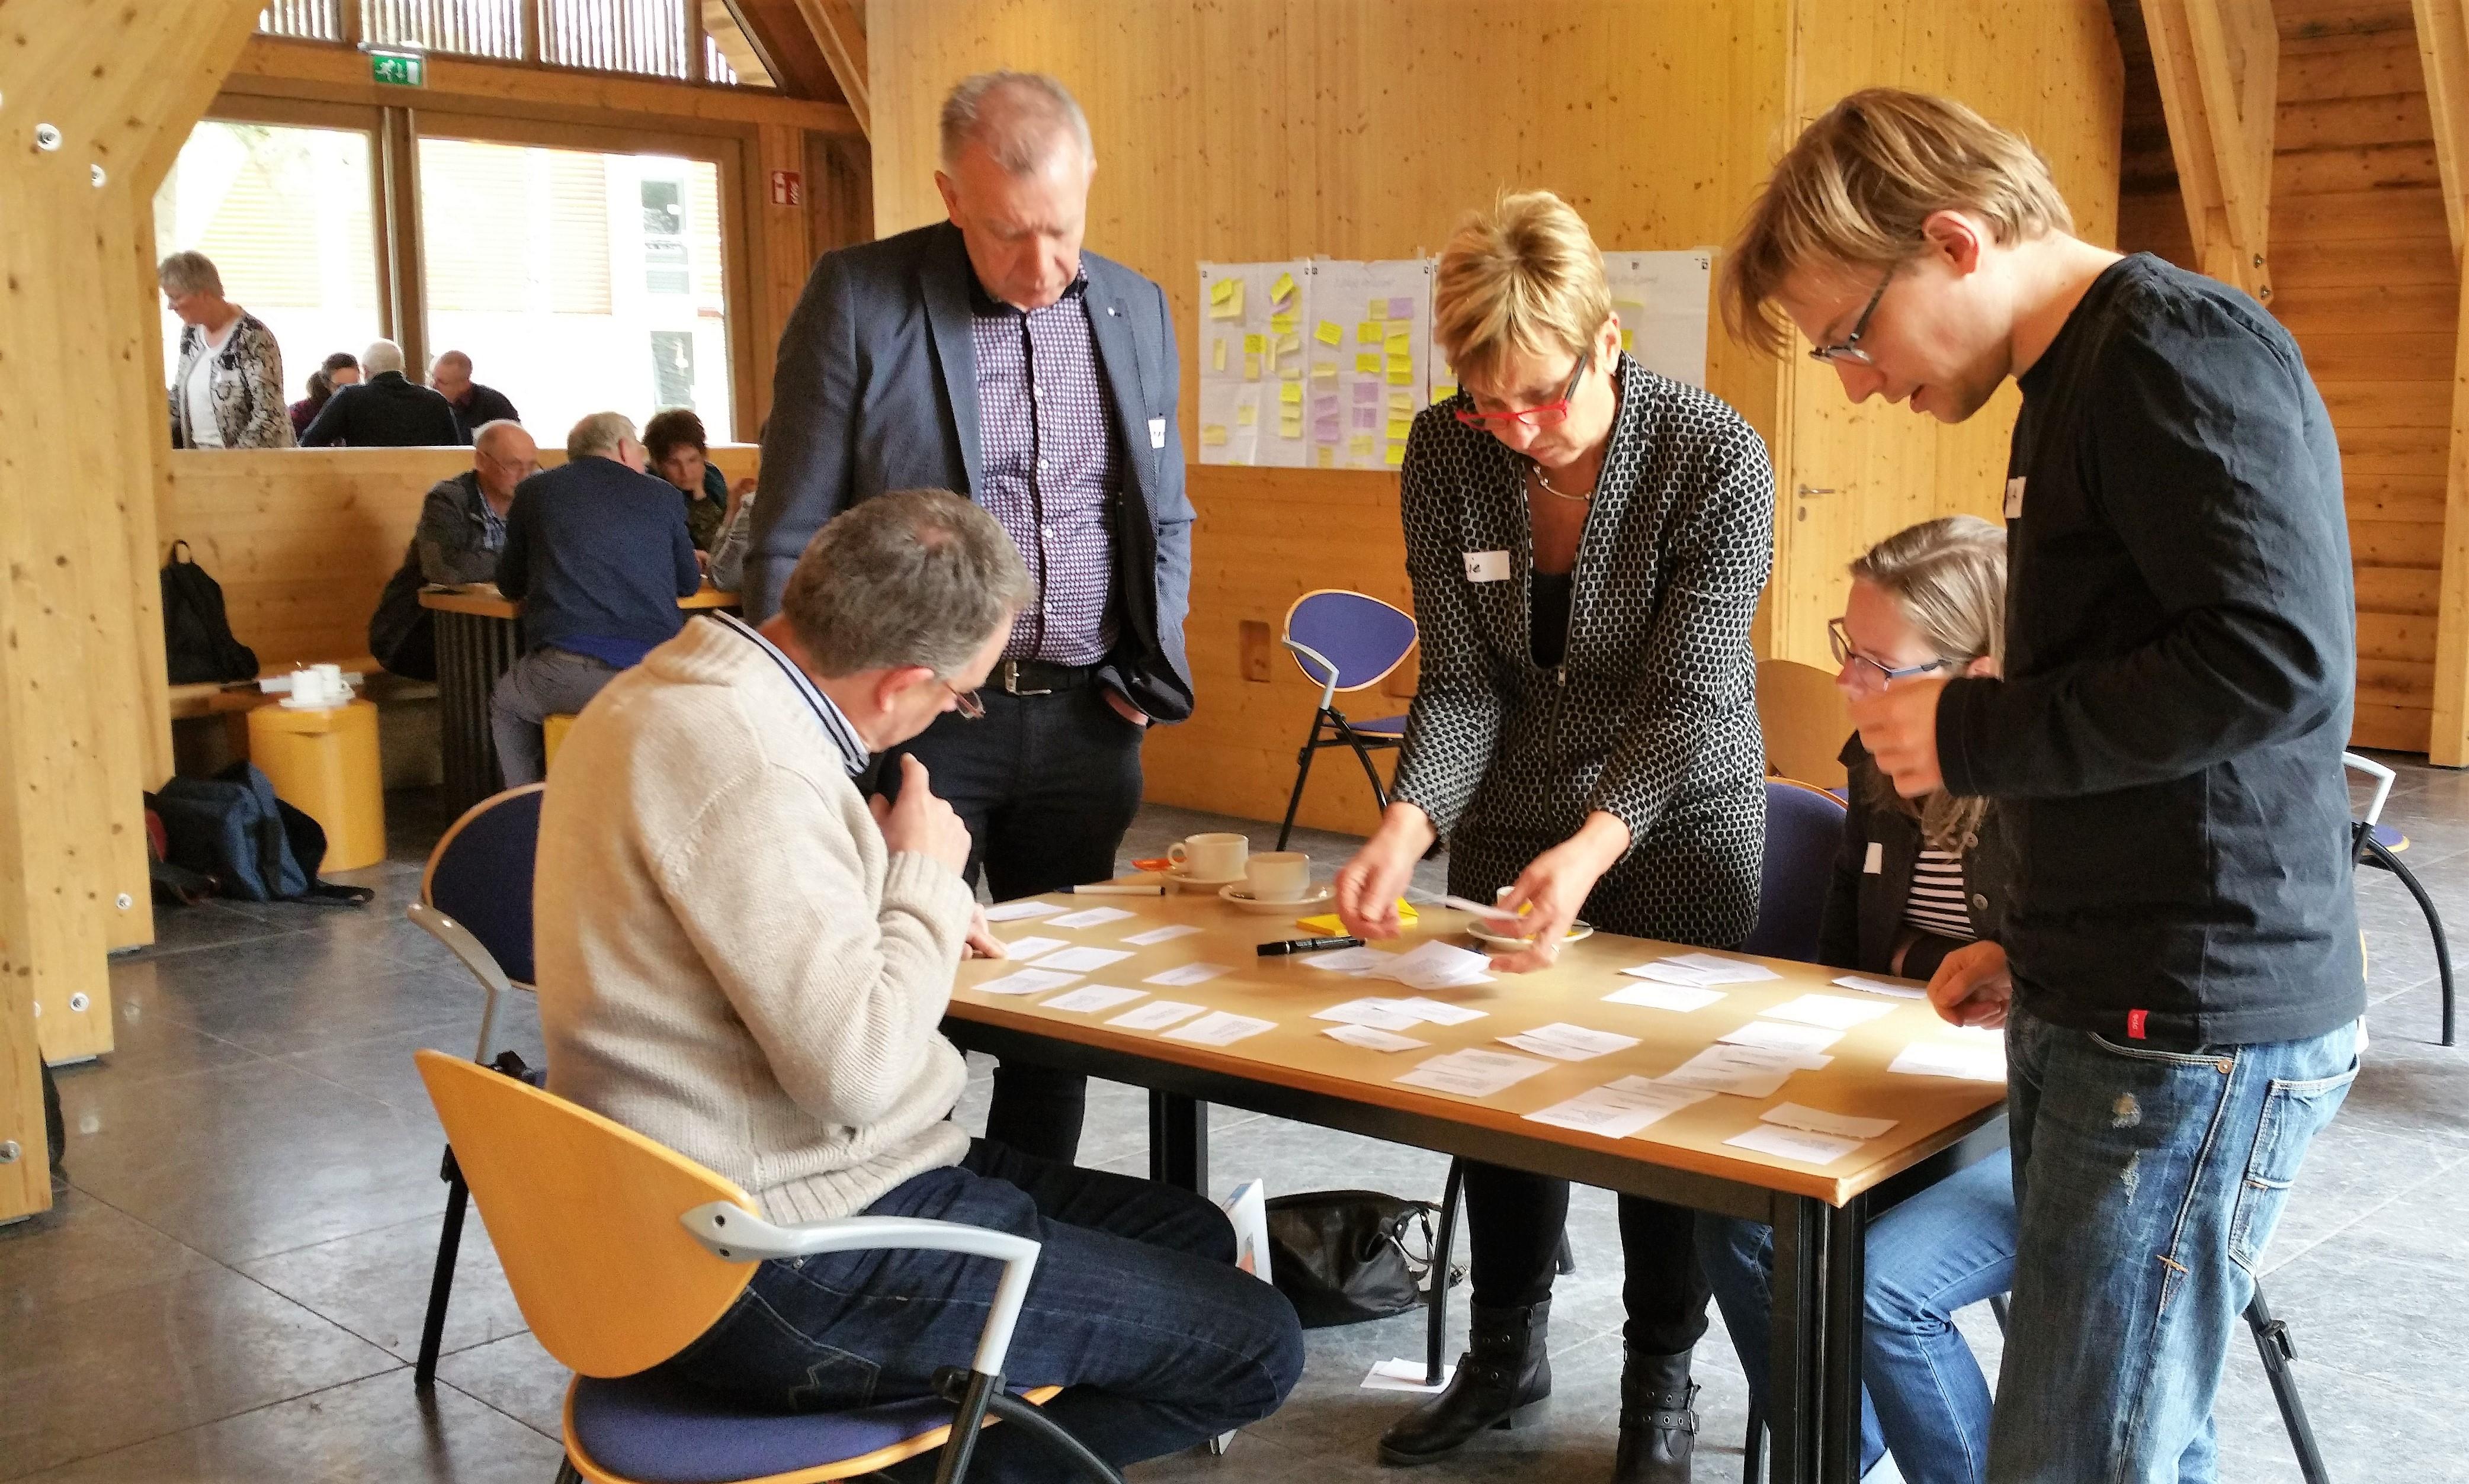 leergemeenschap waarderende gemeenteopbouw